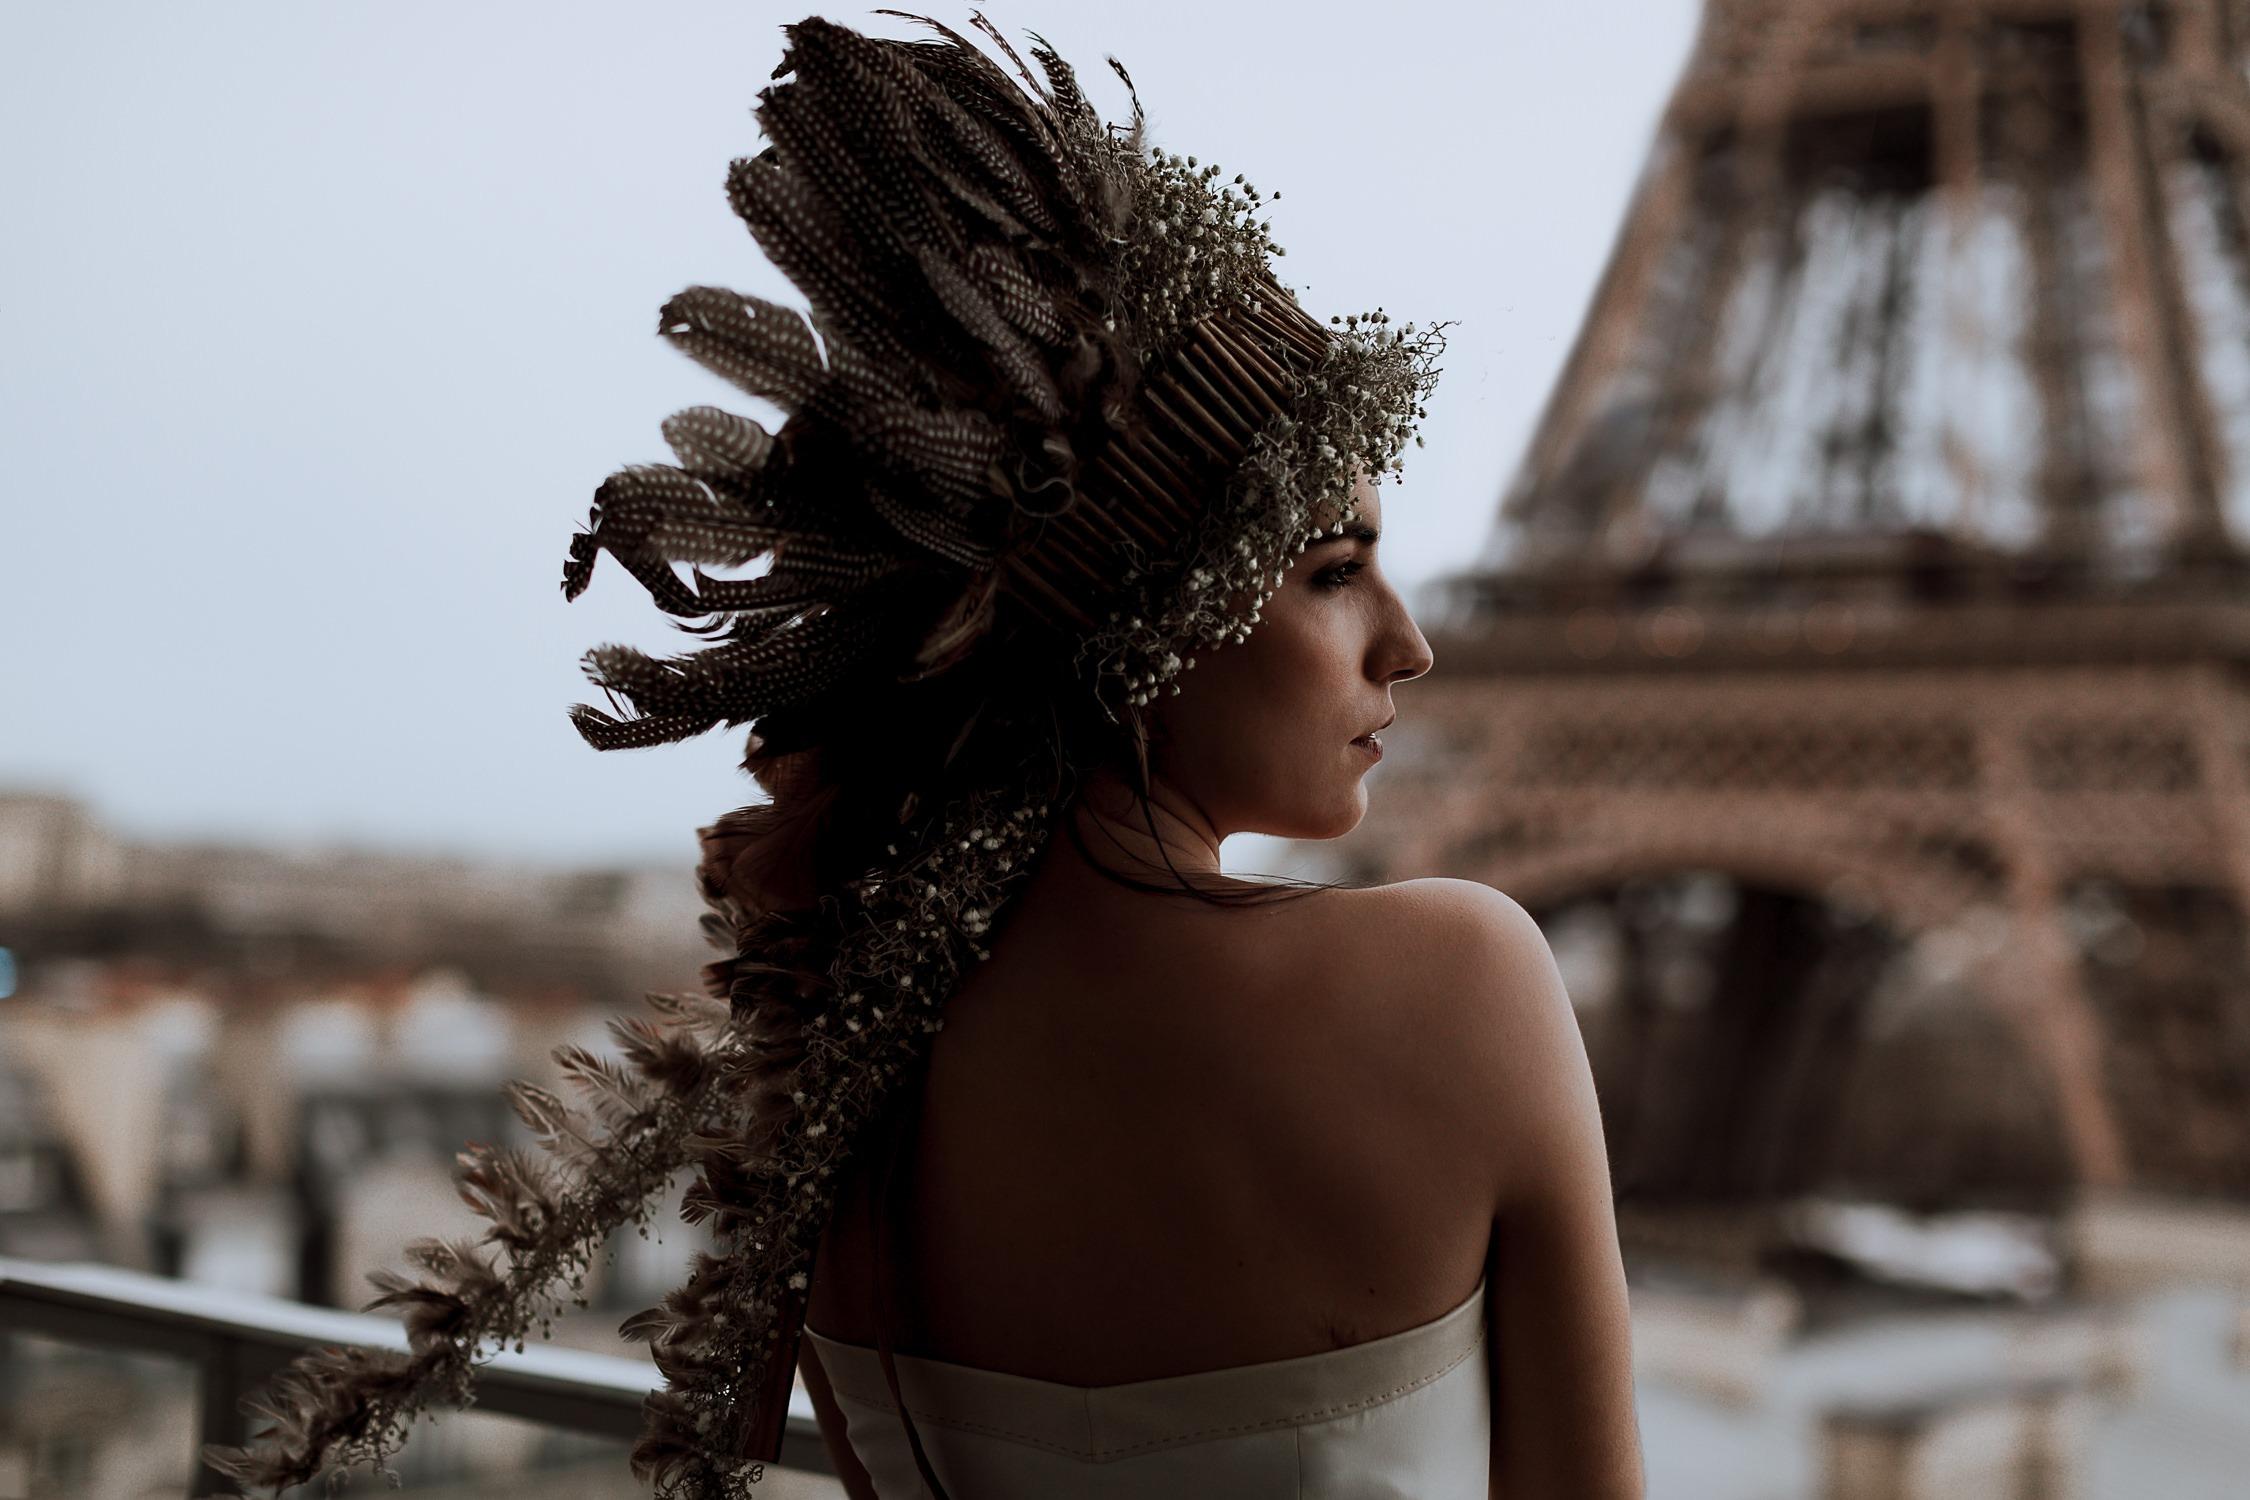 Full - mariage paris - Mariage tour eiffel - Photographe mariage lyon - Photographe mariage france-2